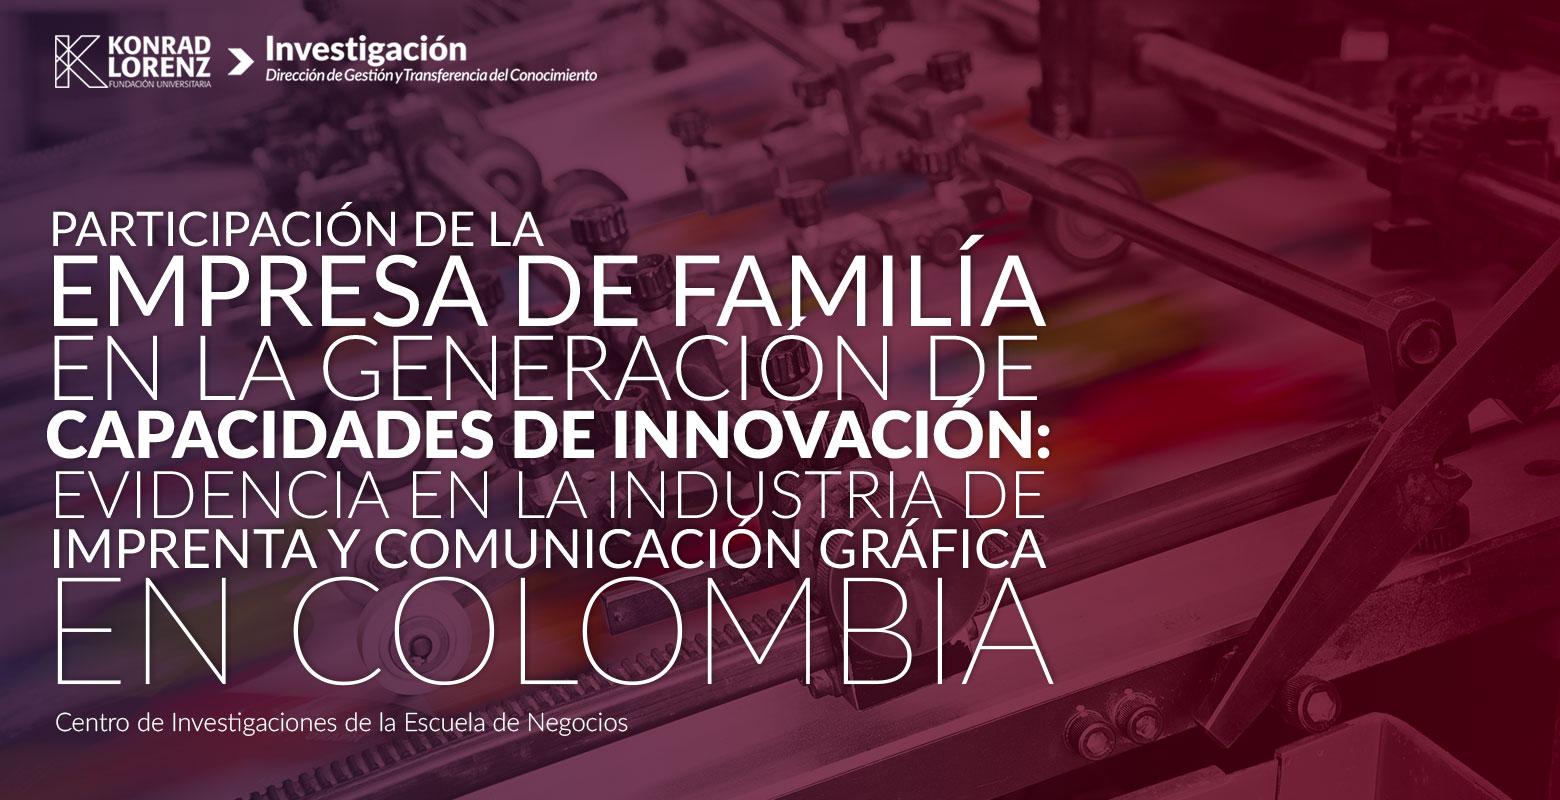 Participación de la empresa de familia en la generación de capacidades de innovación: Evidencia en la Industria de Imprenta y Comunicación Gráfica en Colombia